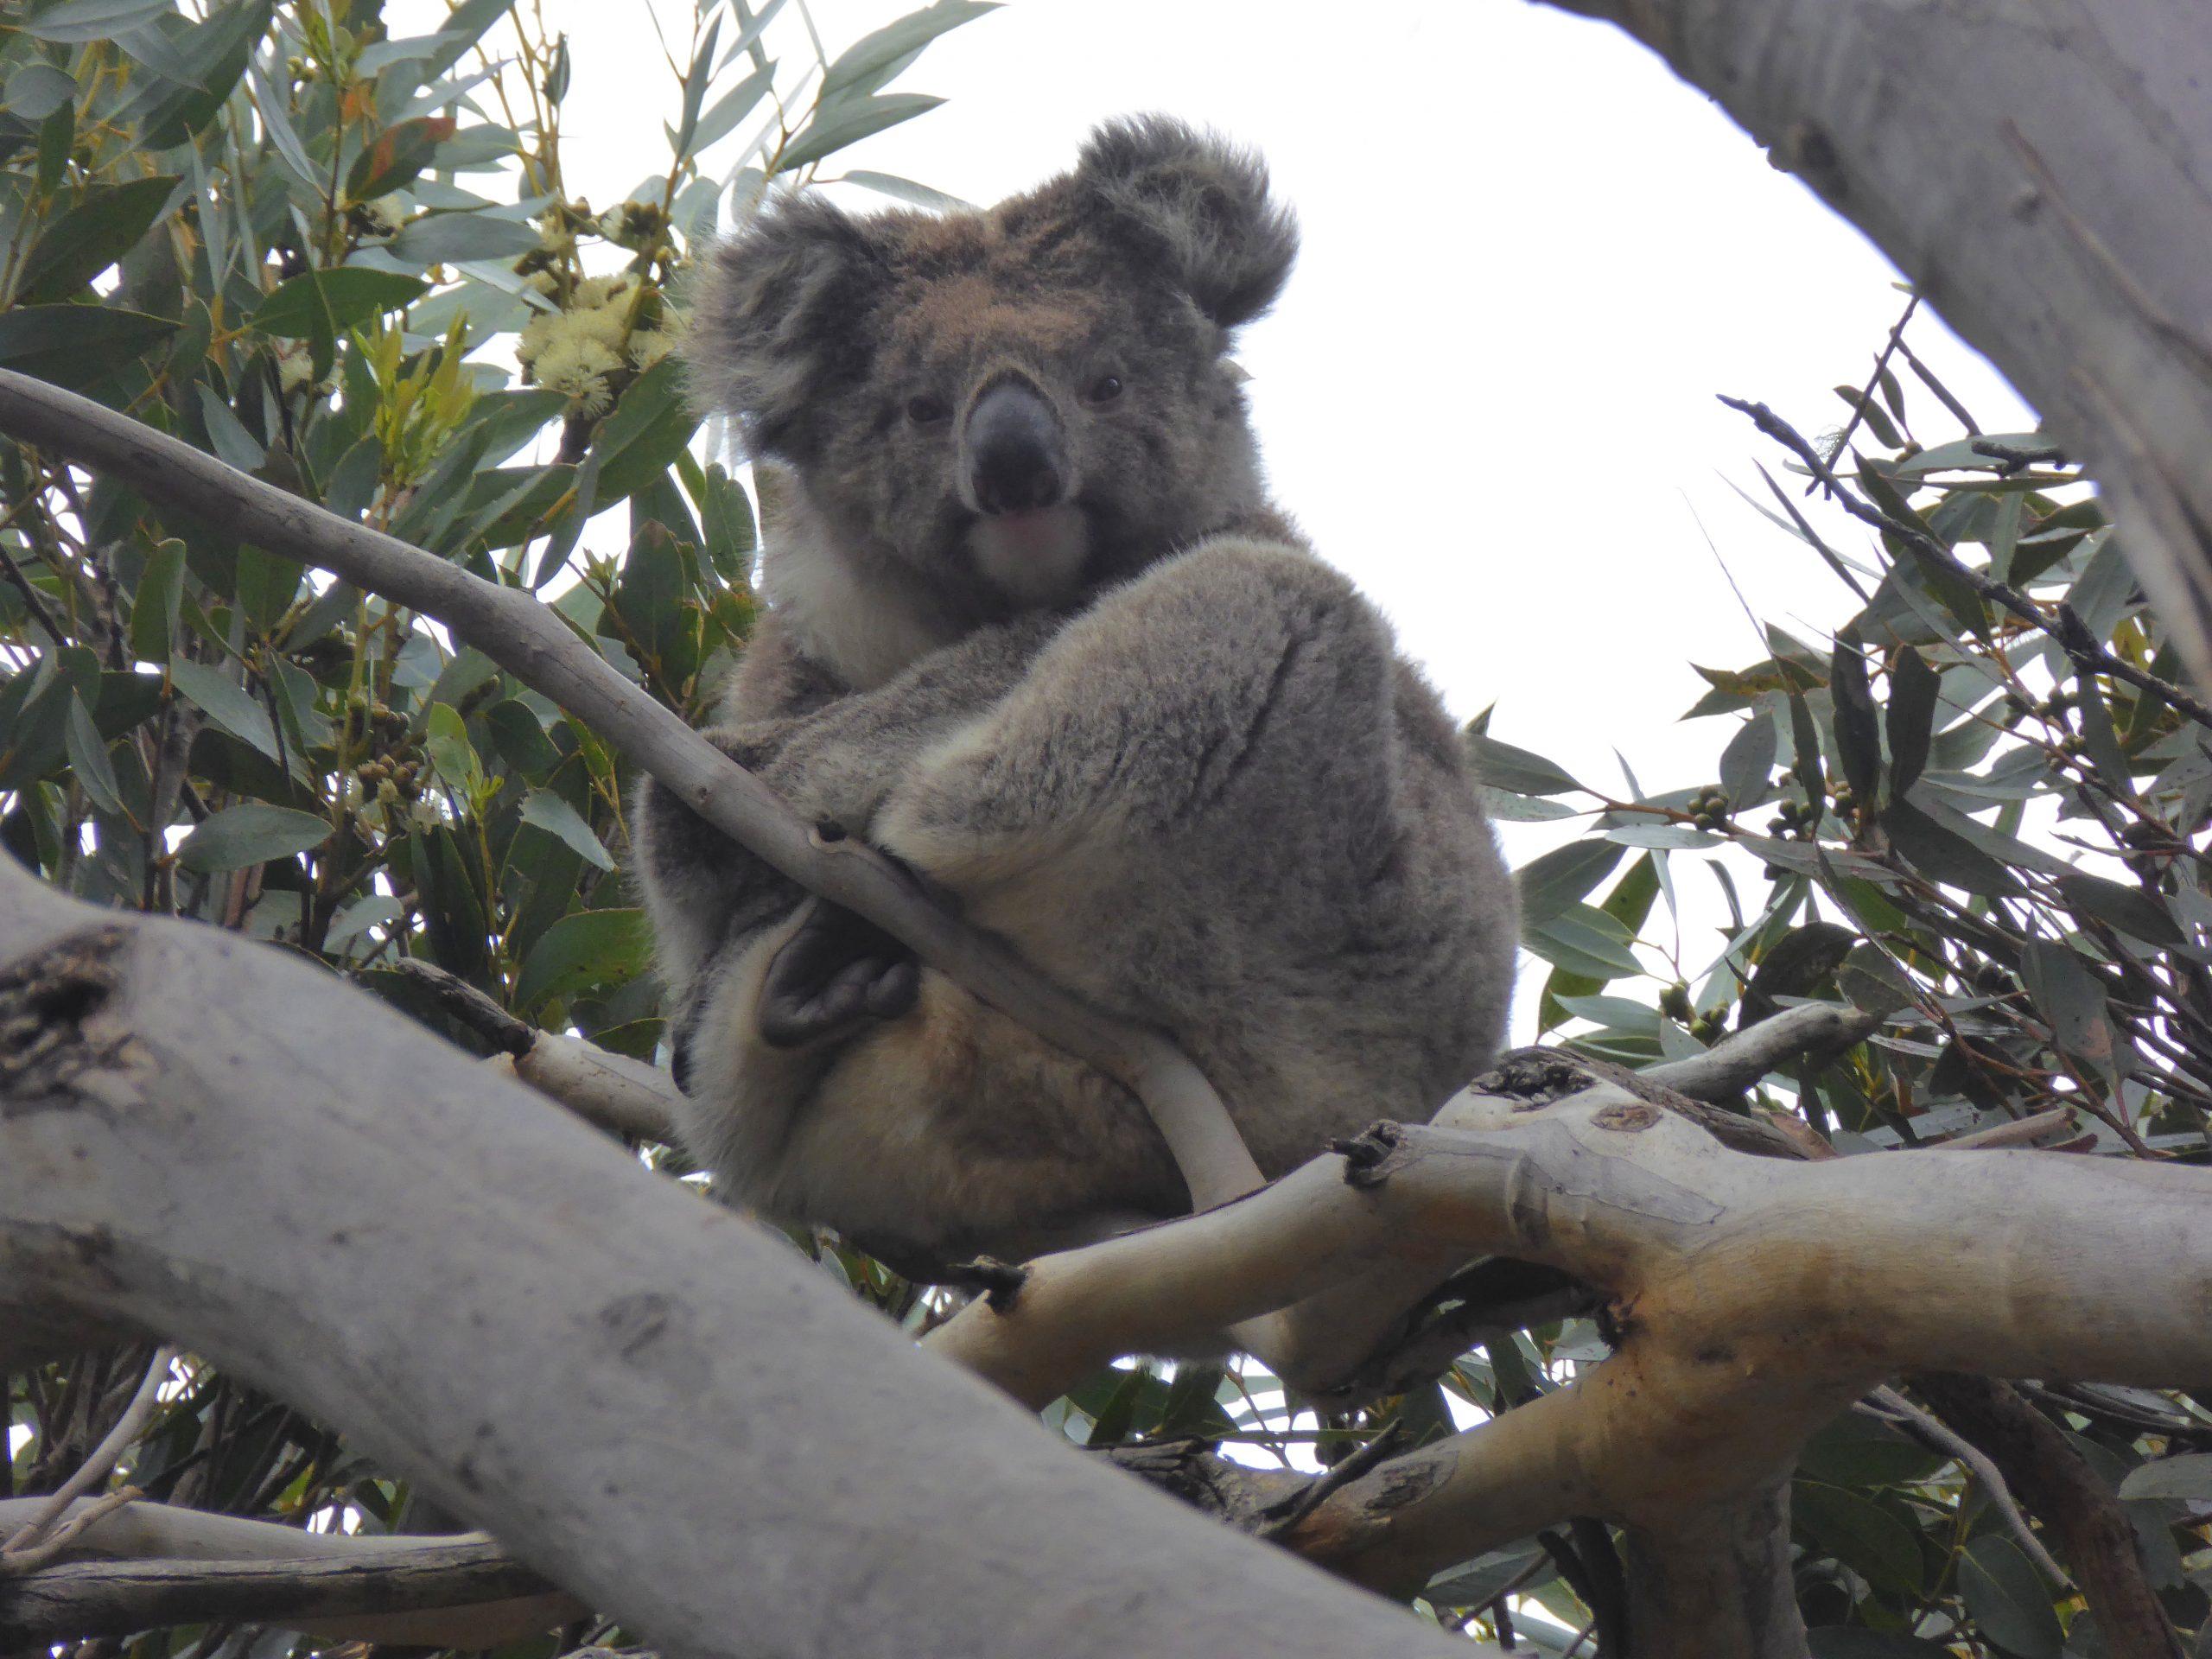 Radreise Australien 2016 - Kangaroo Island - Koala